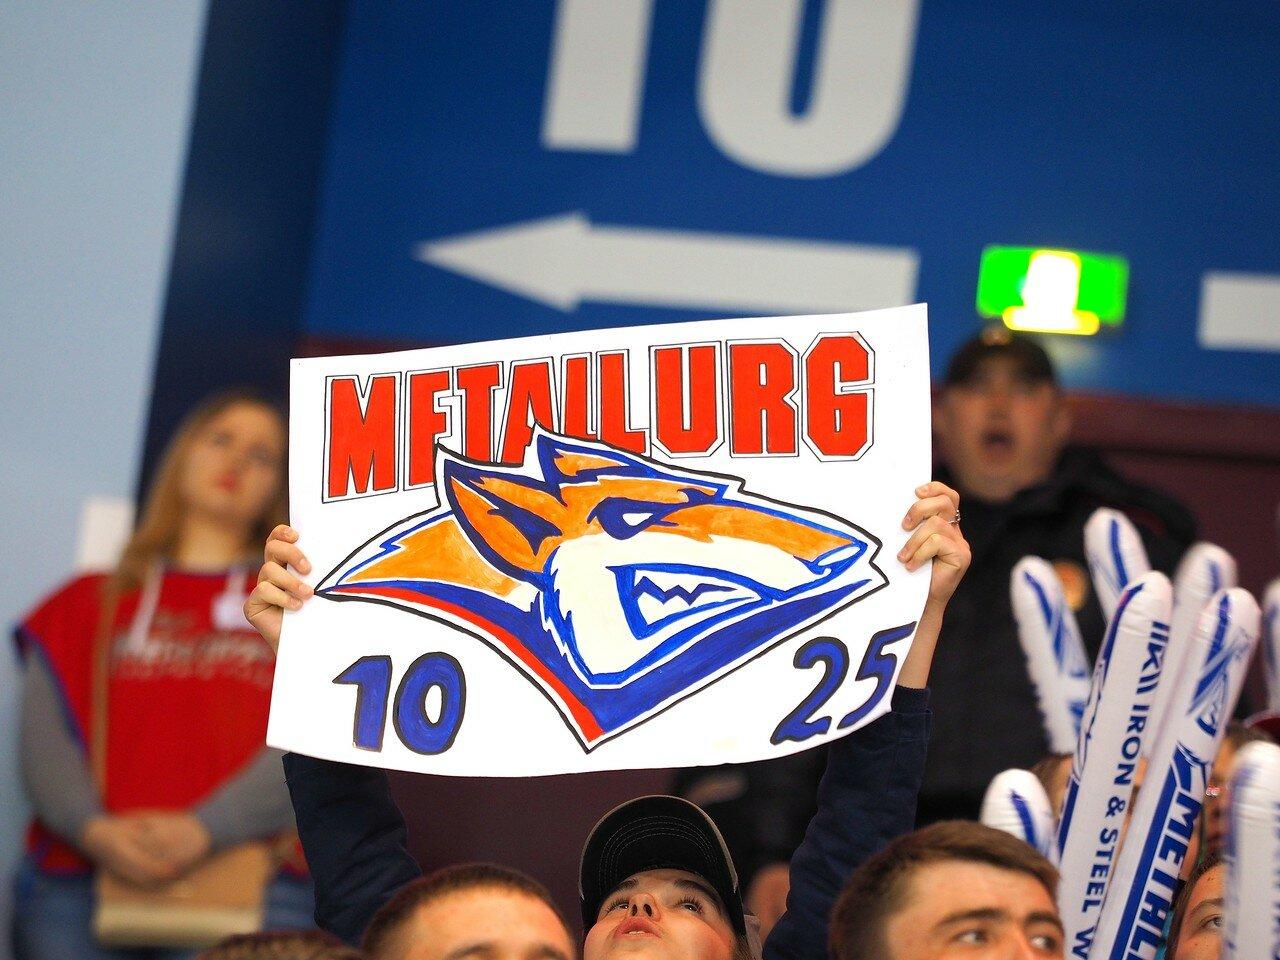 114 Первая игра финала плей-офф восточной конференции 2017 Металлург - АкБарс 24.03.2017